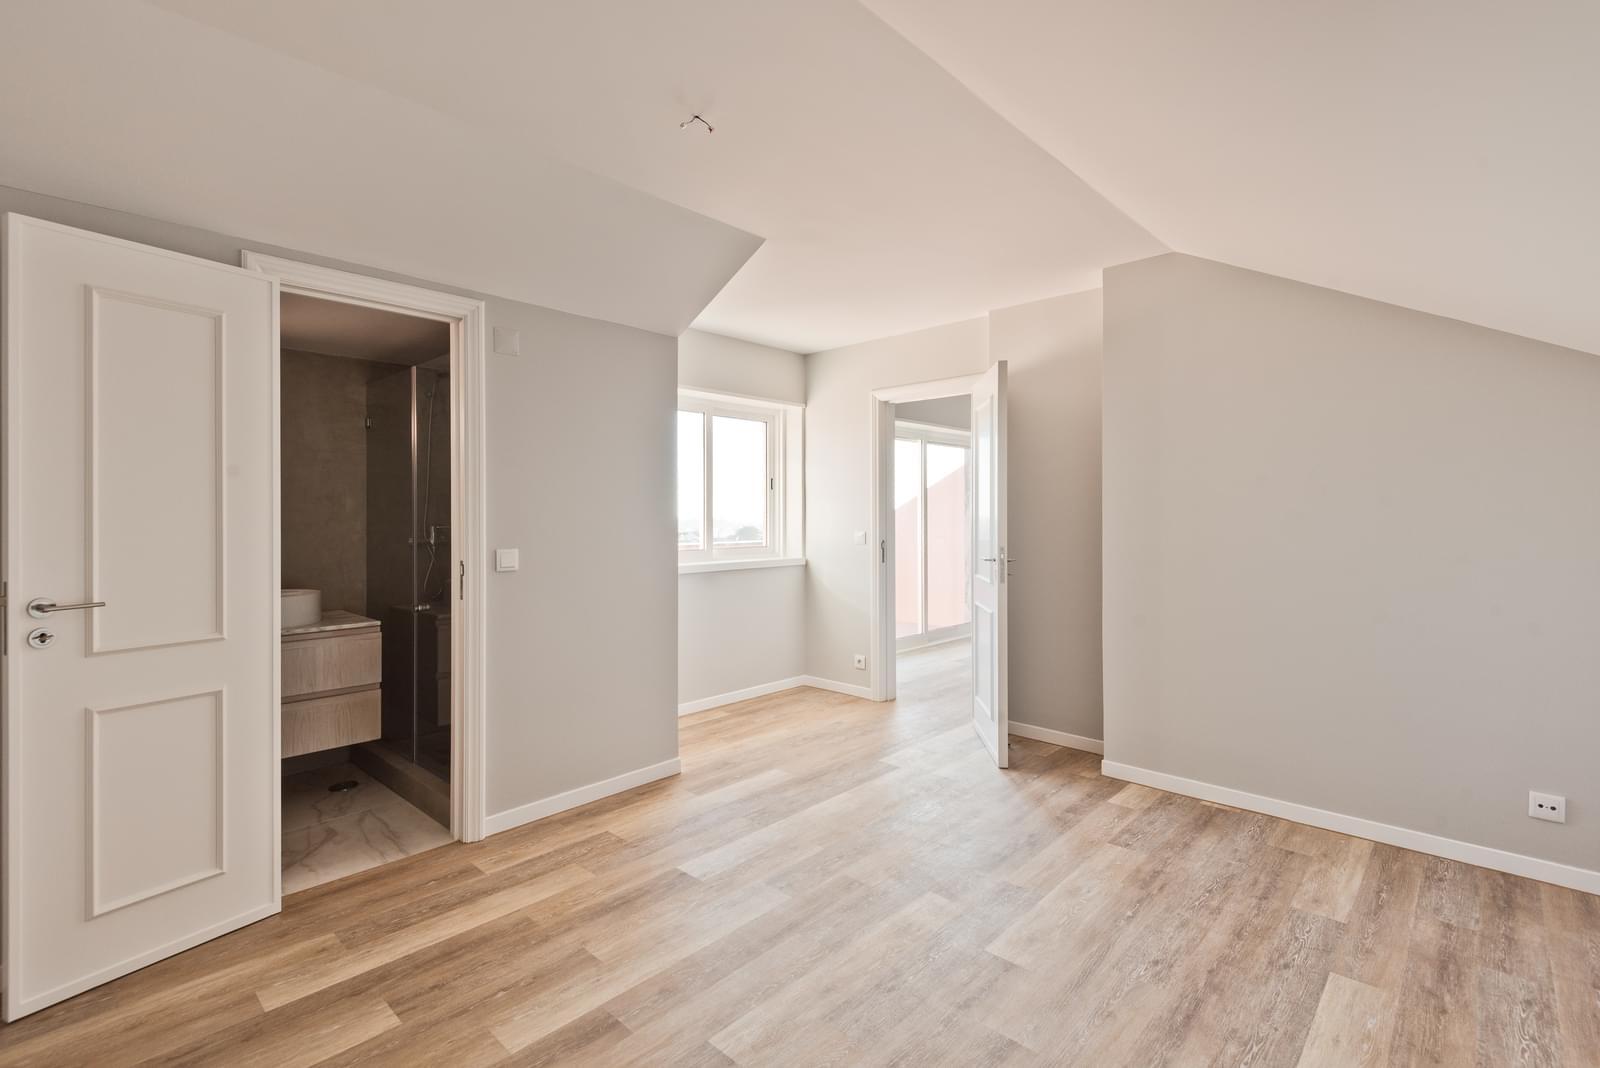 pf18954-apartamento-t3-cascais-4a2e78ed-df51-4aca-9c8d-92344087f0bd